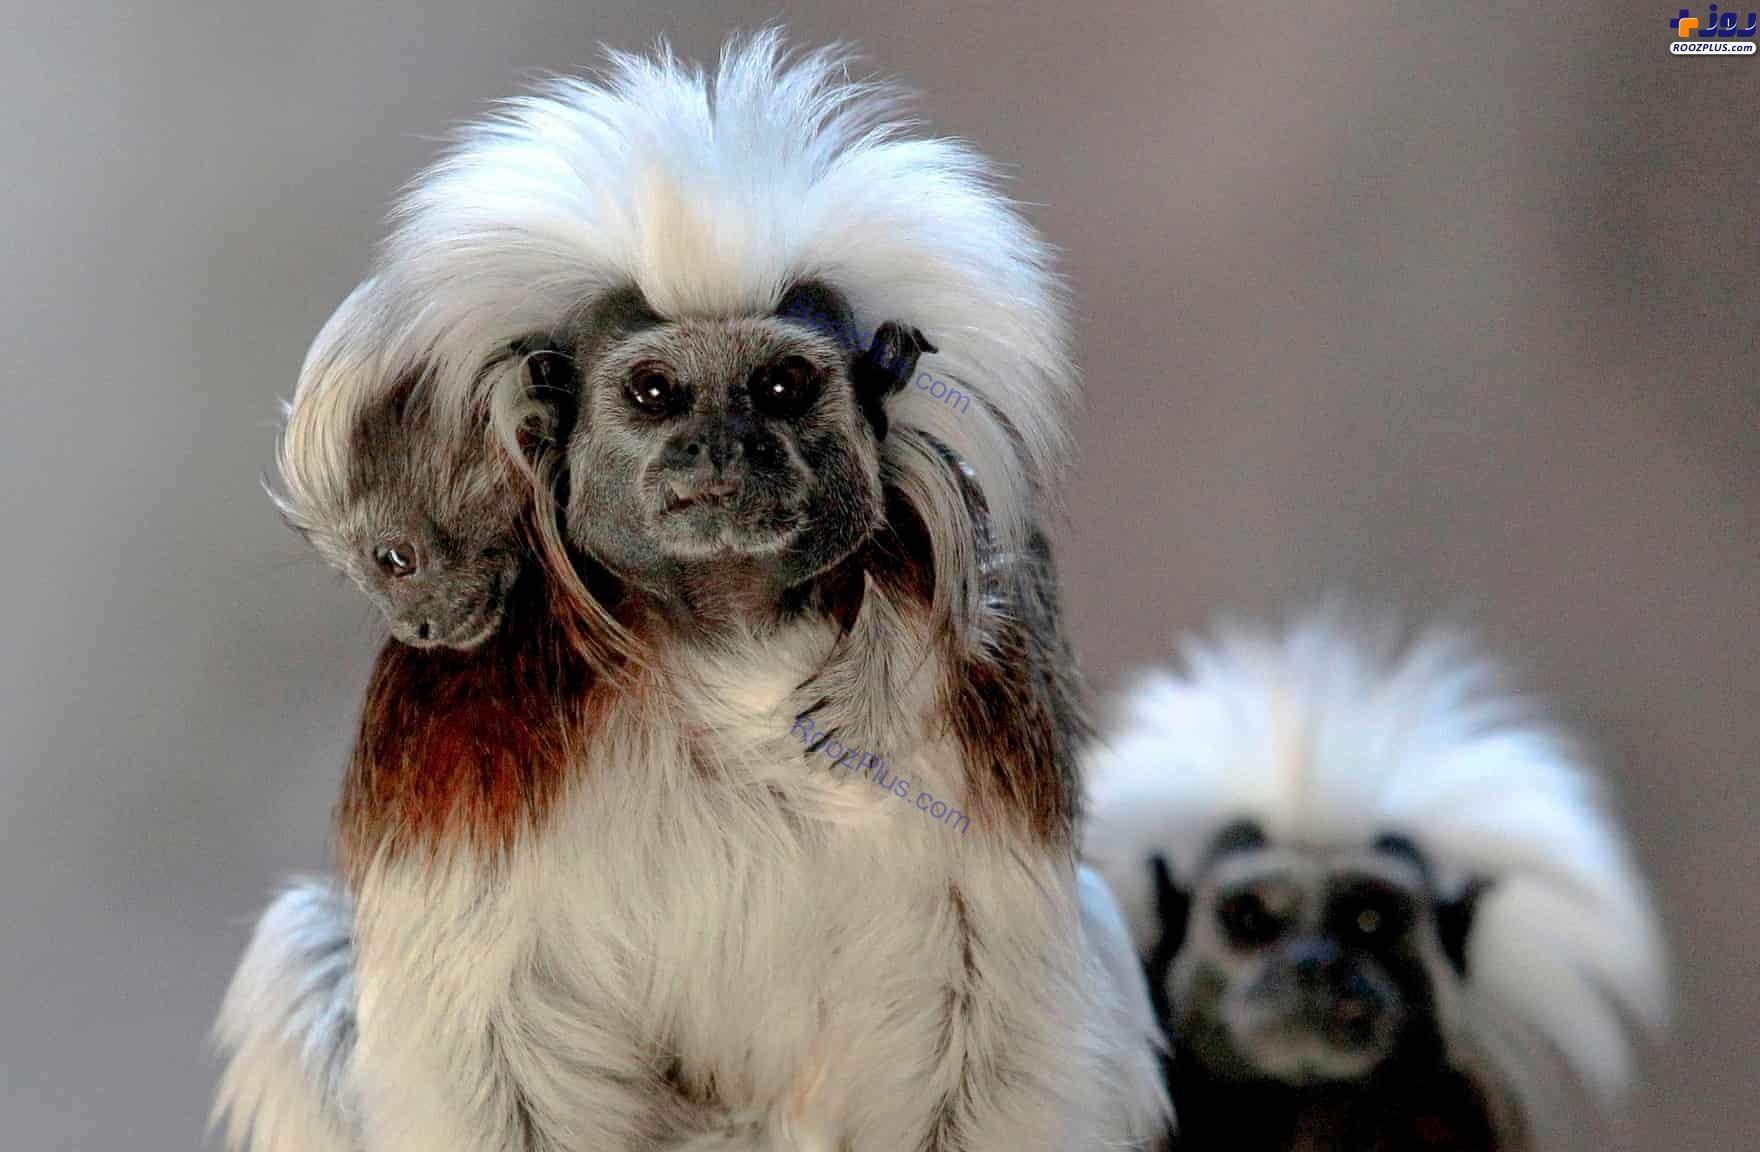 میمونهای تامارین در مکزیک +عکس